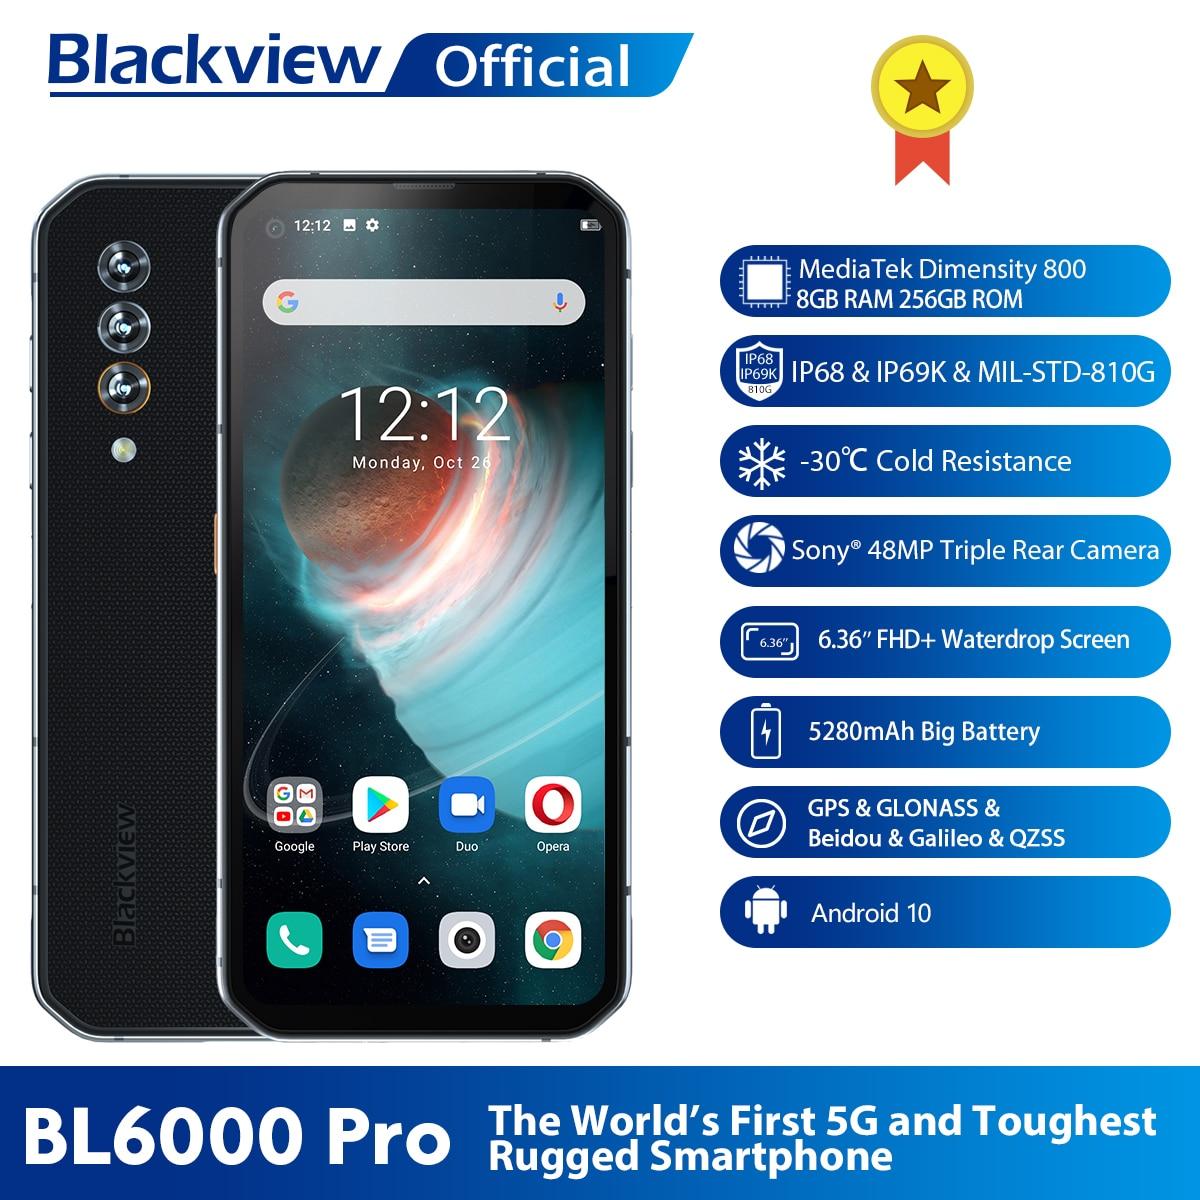 Blackview BL6000 Pro 5G téléphone IP68 étanche 48MP Triple caméra 8GB RAM 256GB ROM 6.36 pouces FHD + Version mondiale 5G téléphone portable